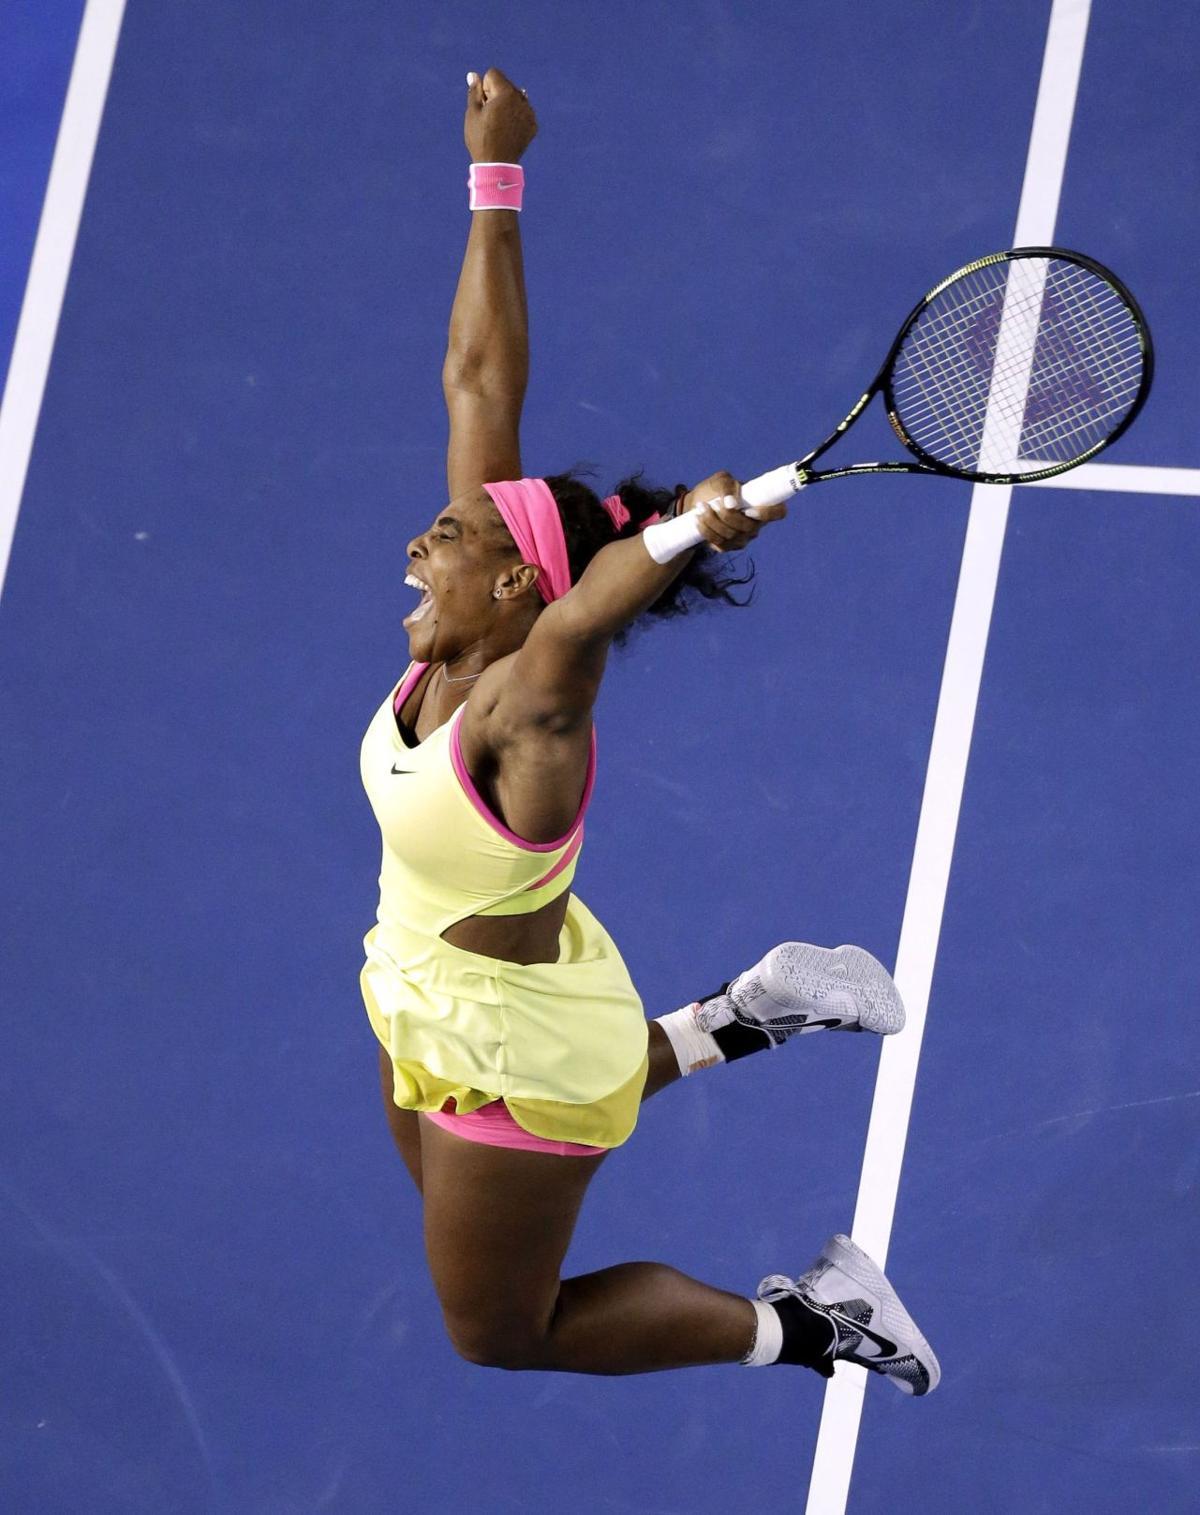 Serena Williams wins 6th Australian Open, 19th major title